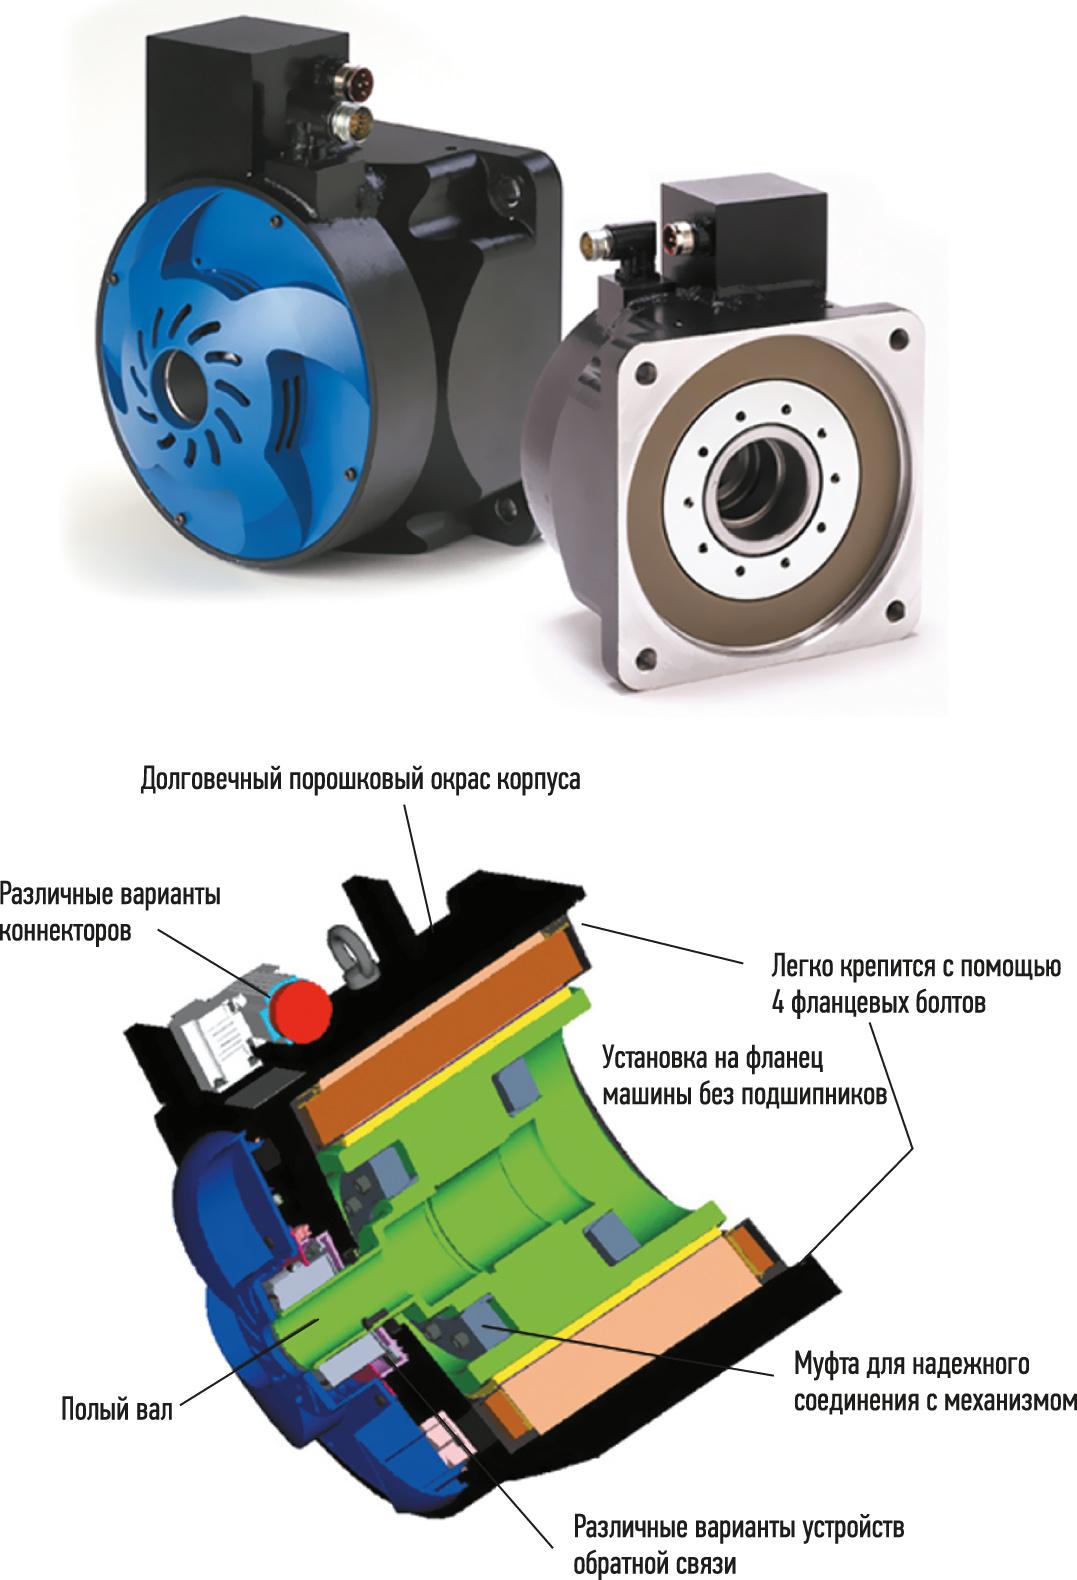 Конструктивные особенности сервомоторов со сквозным валом в корпусе и с датчиком обратной связи серии Cartridge DD